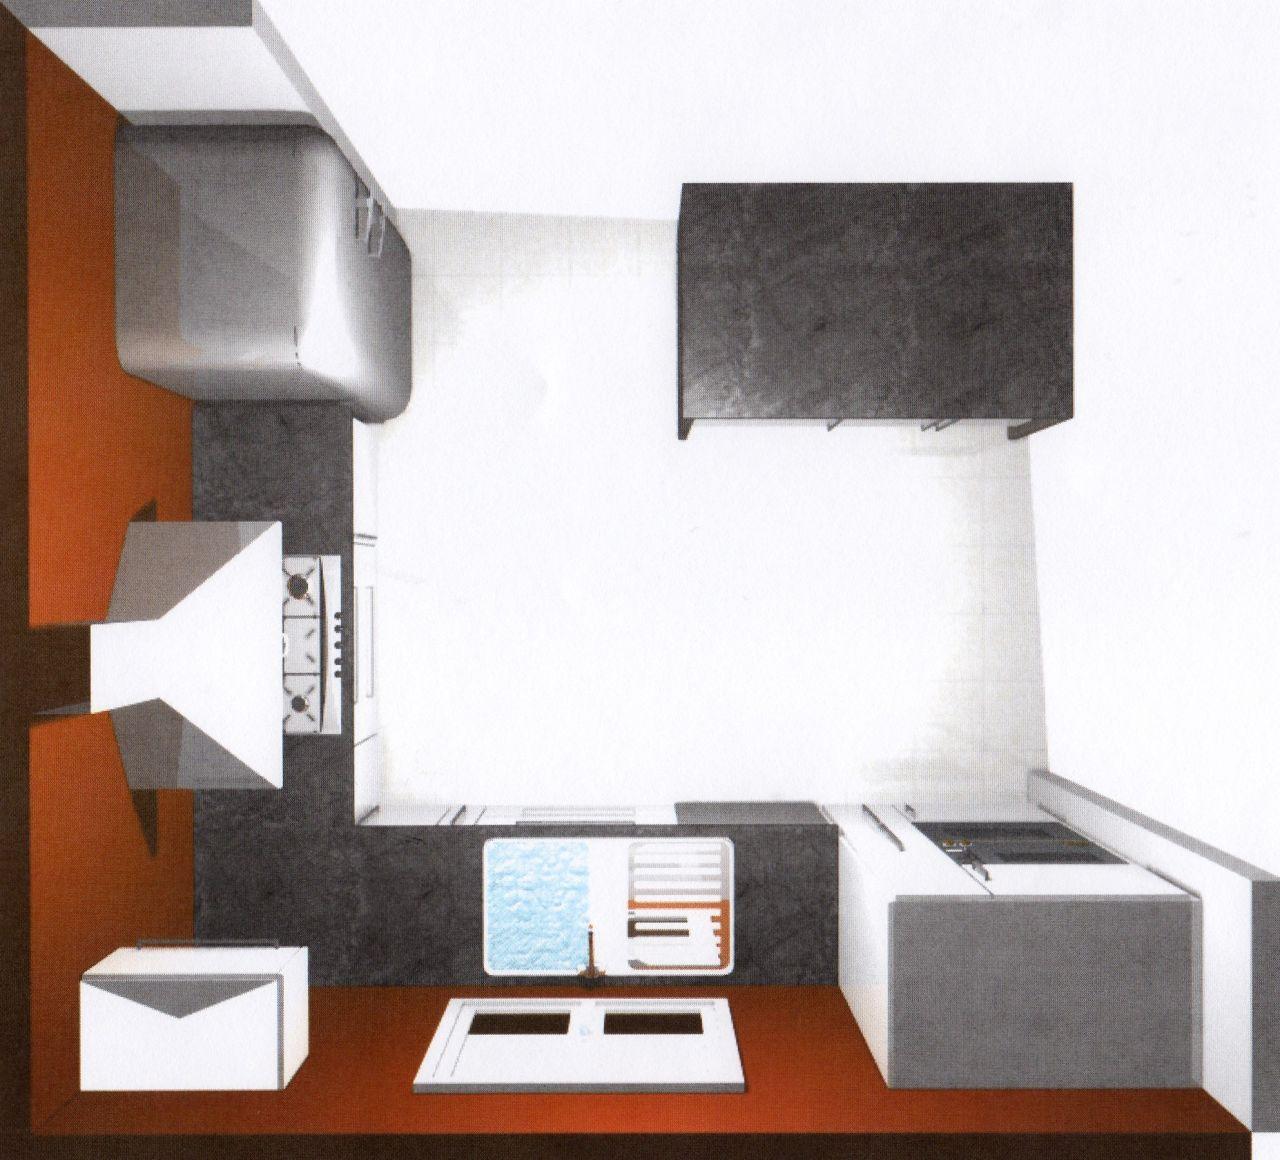 Cool amenager cuisine moins m avis sur amnagement cuisine for Amenager une cuisine de 6m2